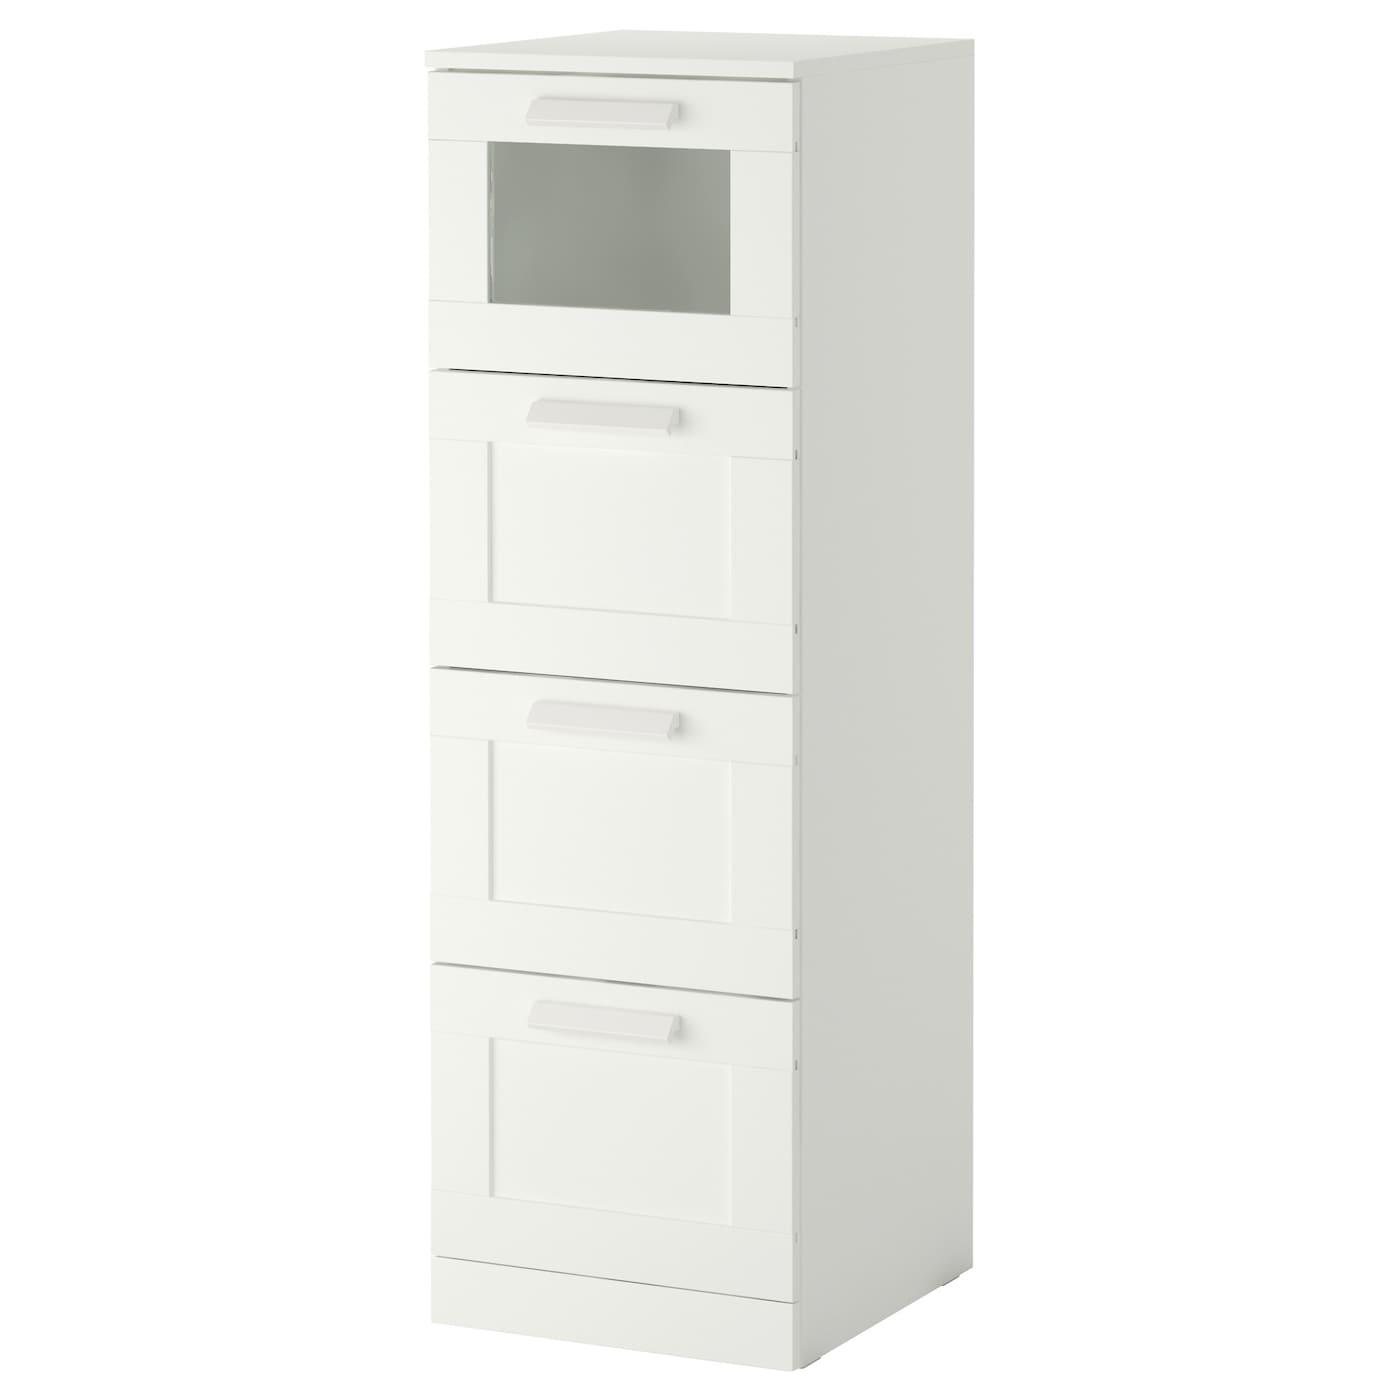 IKEA BRIMNES Komoda, 4 szuflady, biały, szkło matowe, 39x124 cm